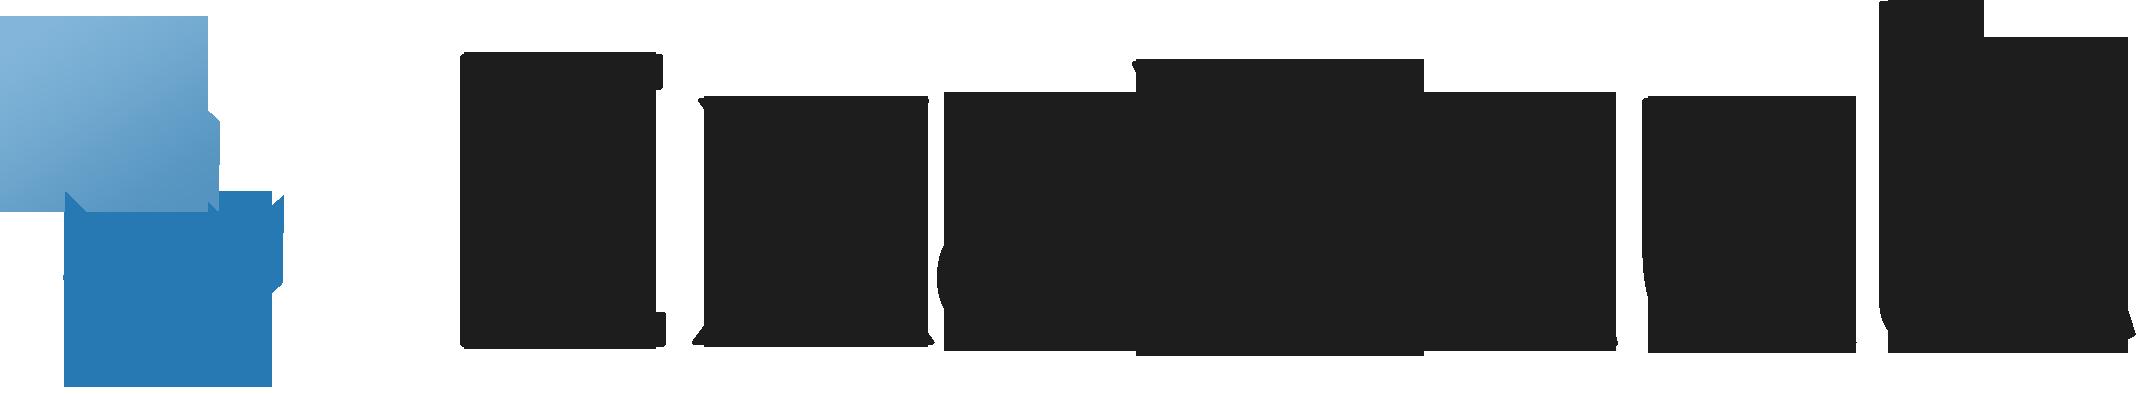 ExaVault - www.exavault.com